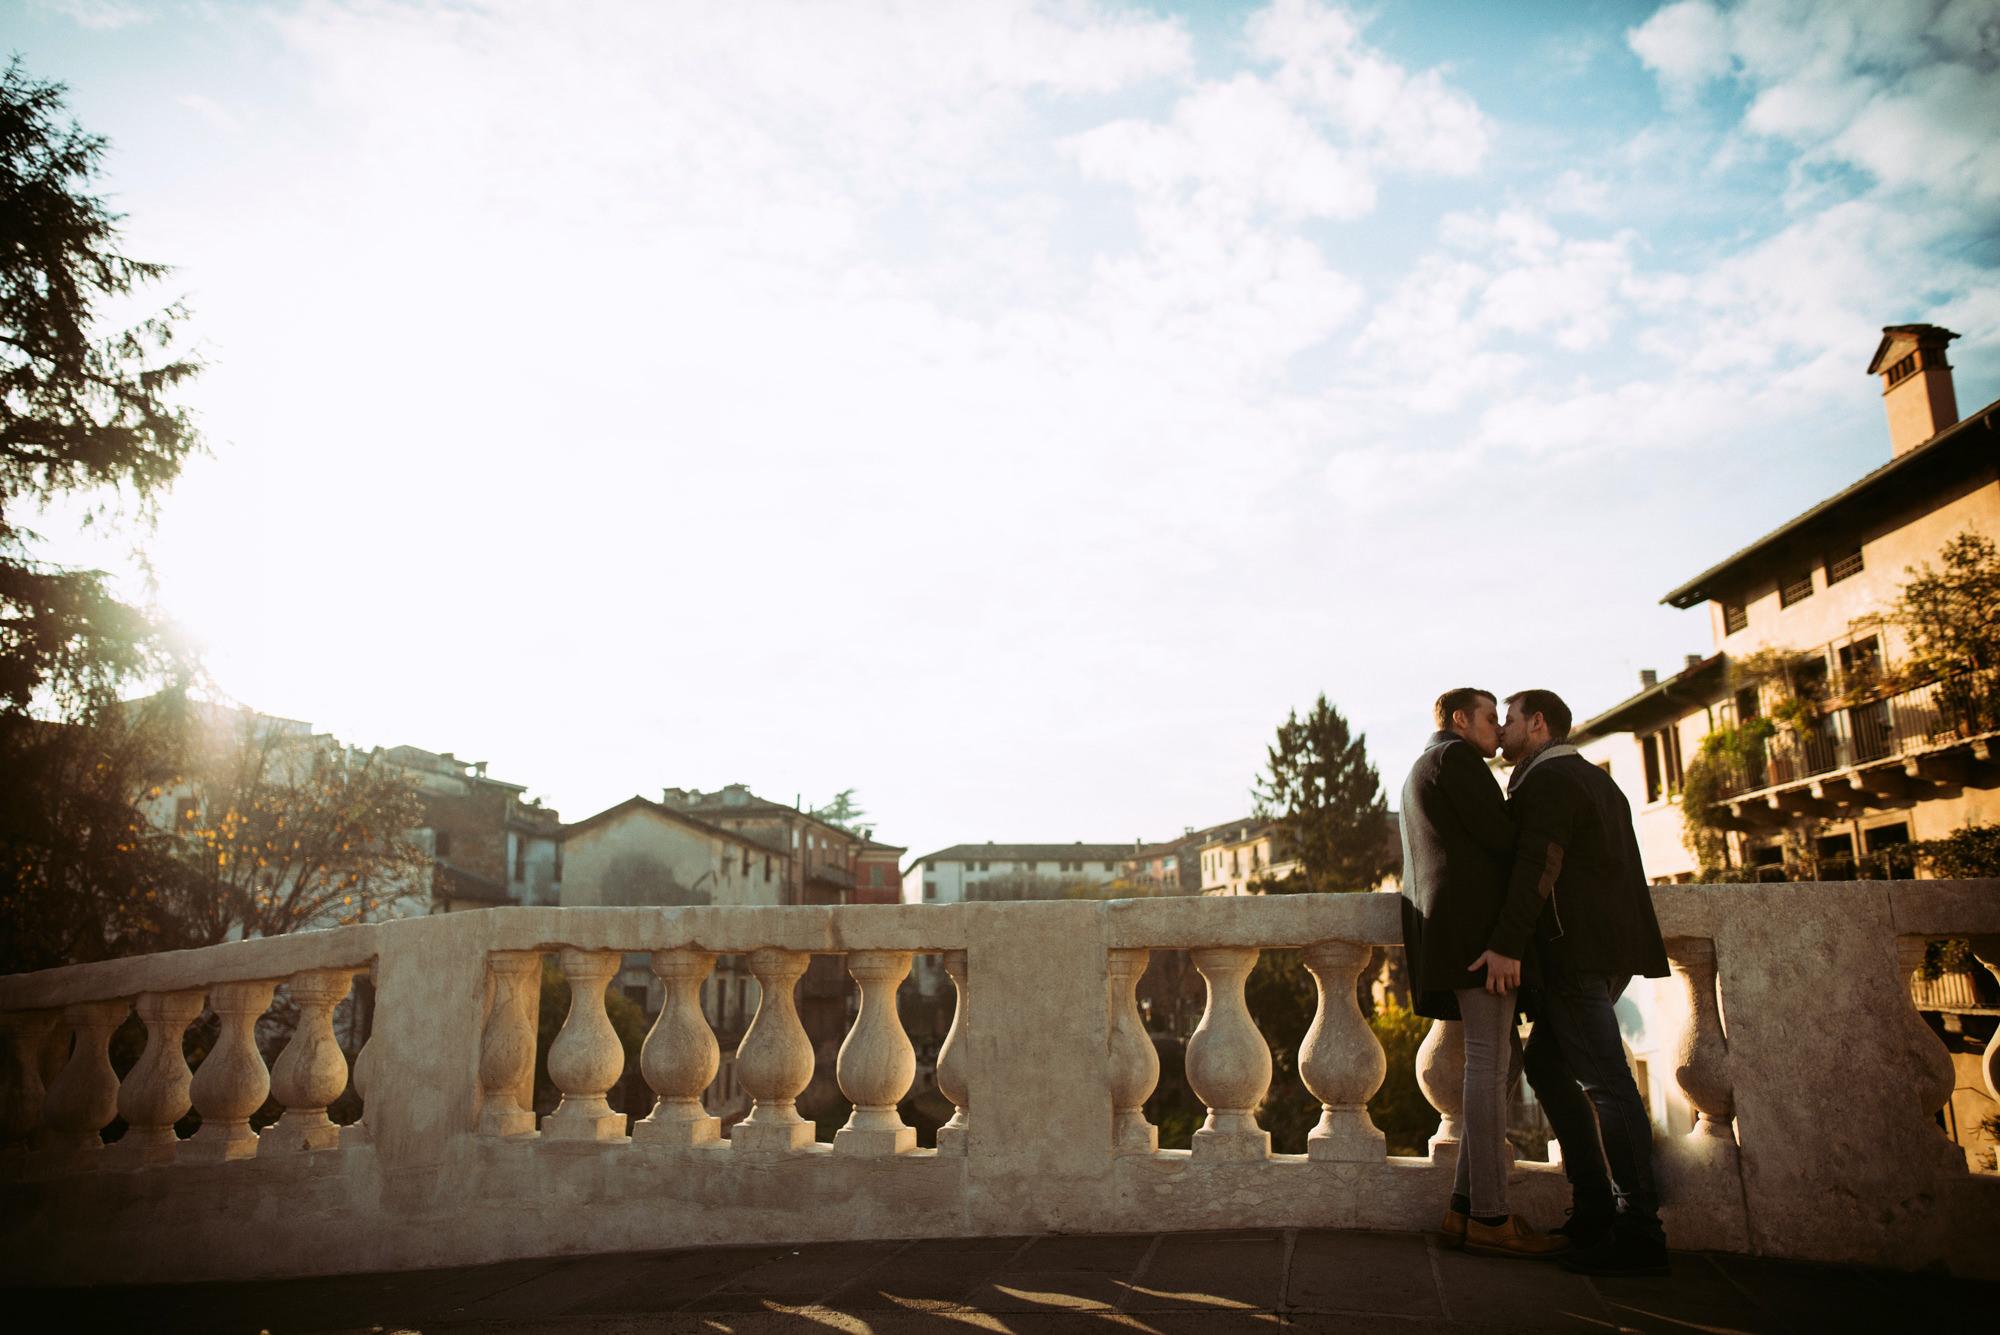 samesex couple photos italy 011 - Same-Sex Couple Photos Italy - Luca & Filippo